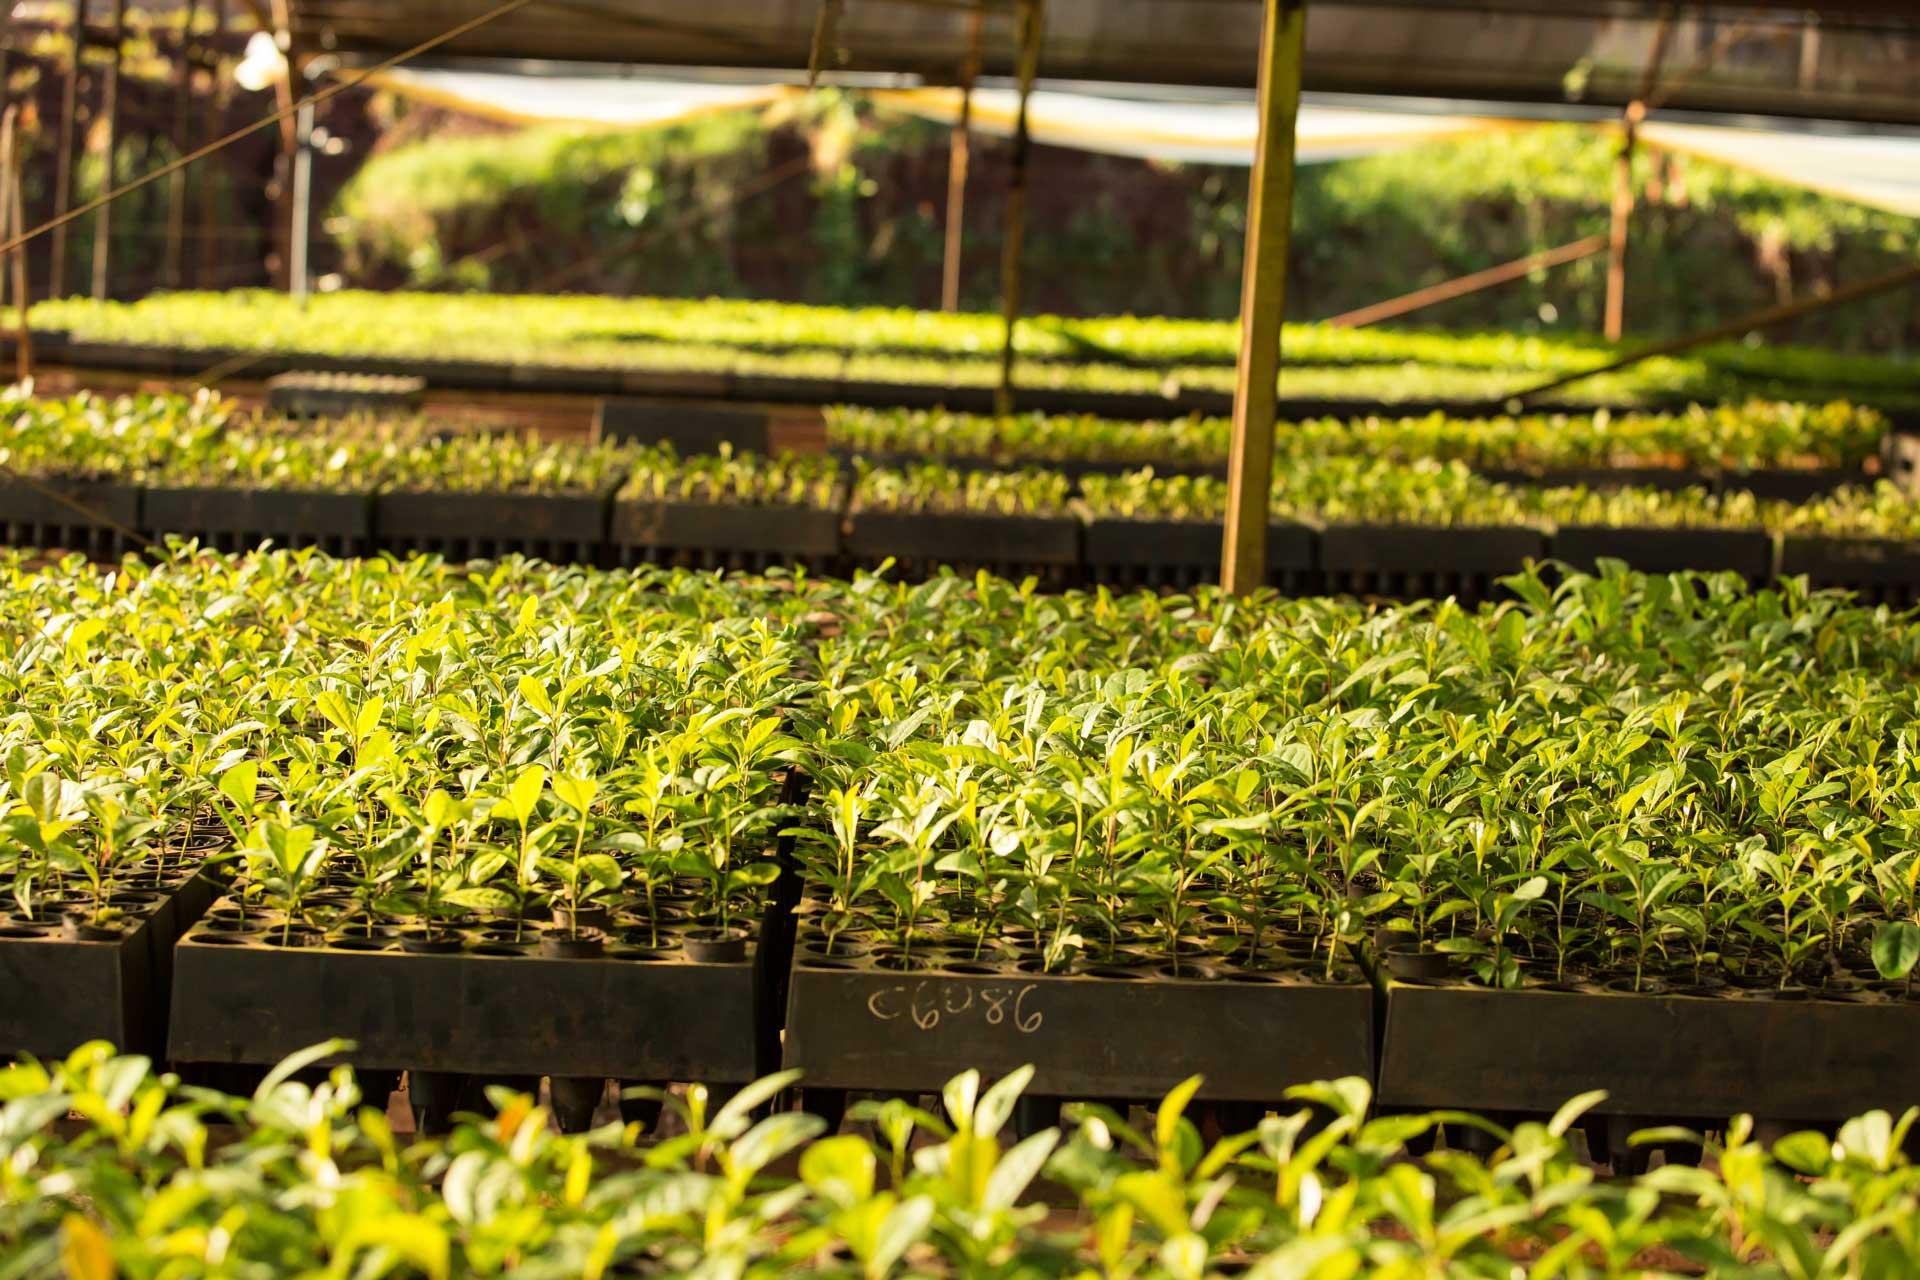 Plantines-reconocidos-por-su-optima-calidad-por-los-productores-de-la-cuenca-yerbatera